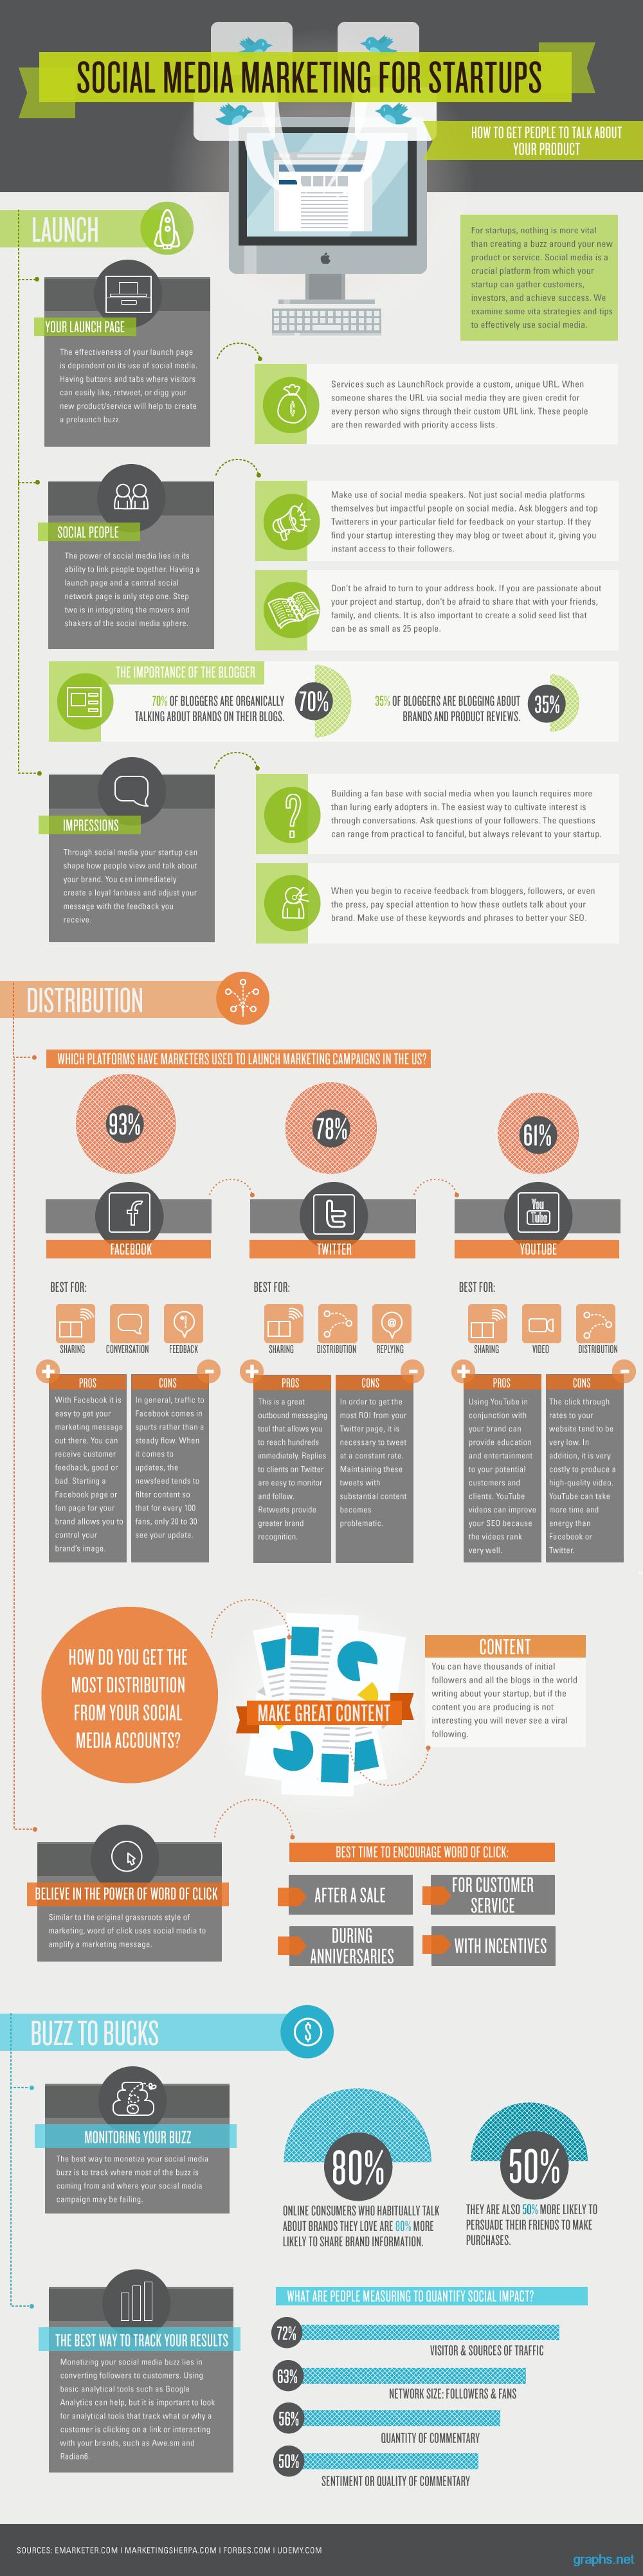 Social Media Marketing Guide for Startups